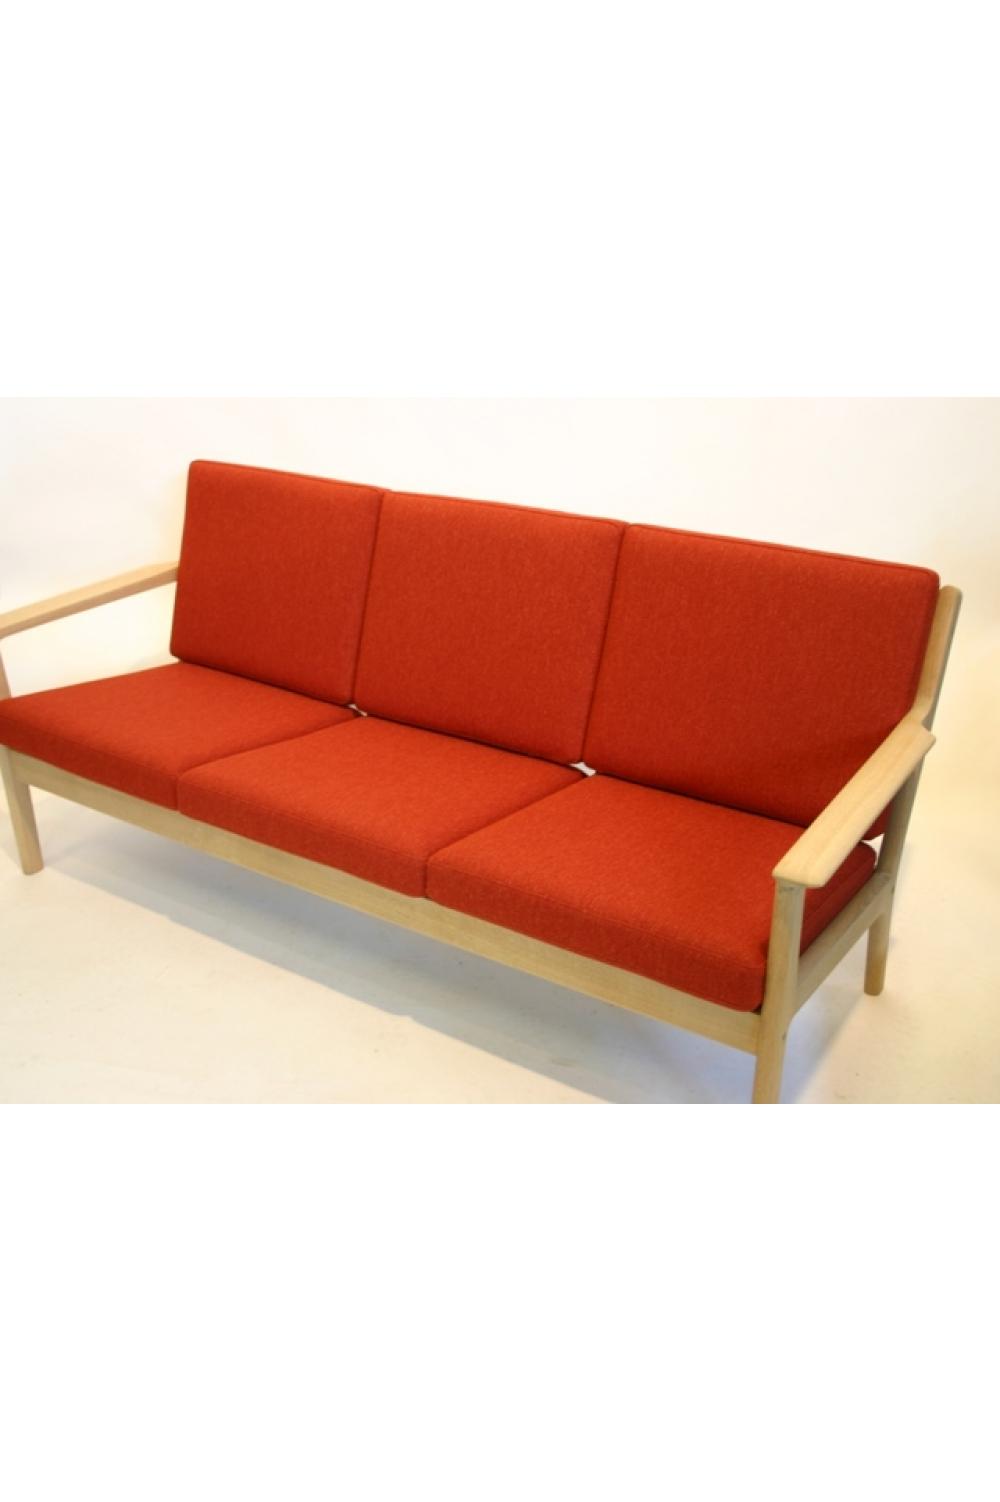 sitz und sofas top ergebnis sitz sofa schn sofa sitzer aus stoff rosa jdt with sitz und sofas. Black Bedroom Furniture Sets. Home Design Ideas